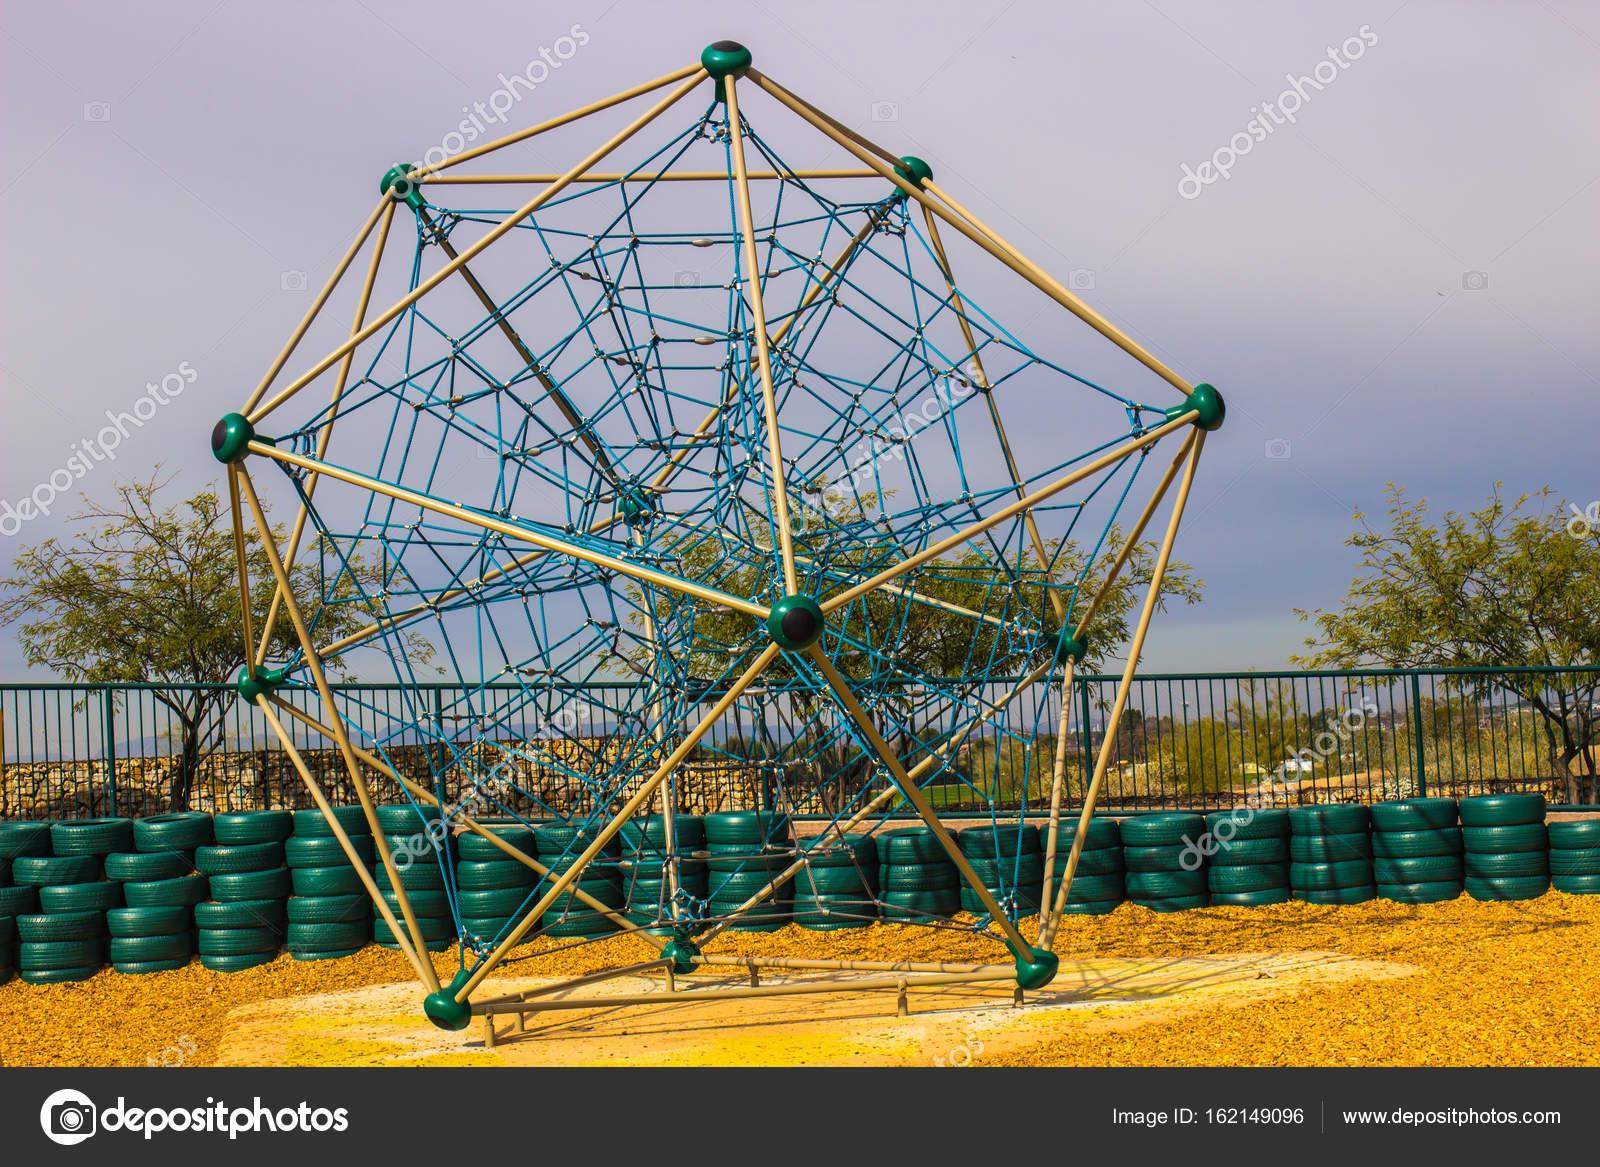 Klettergerüst English : Modernen klettergerüst im kids park in der wüste von arizona